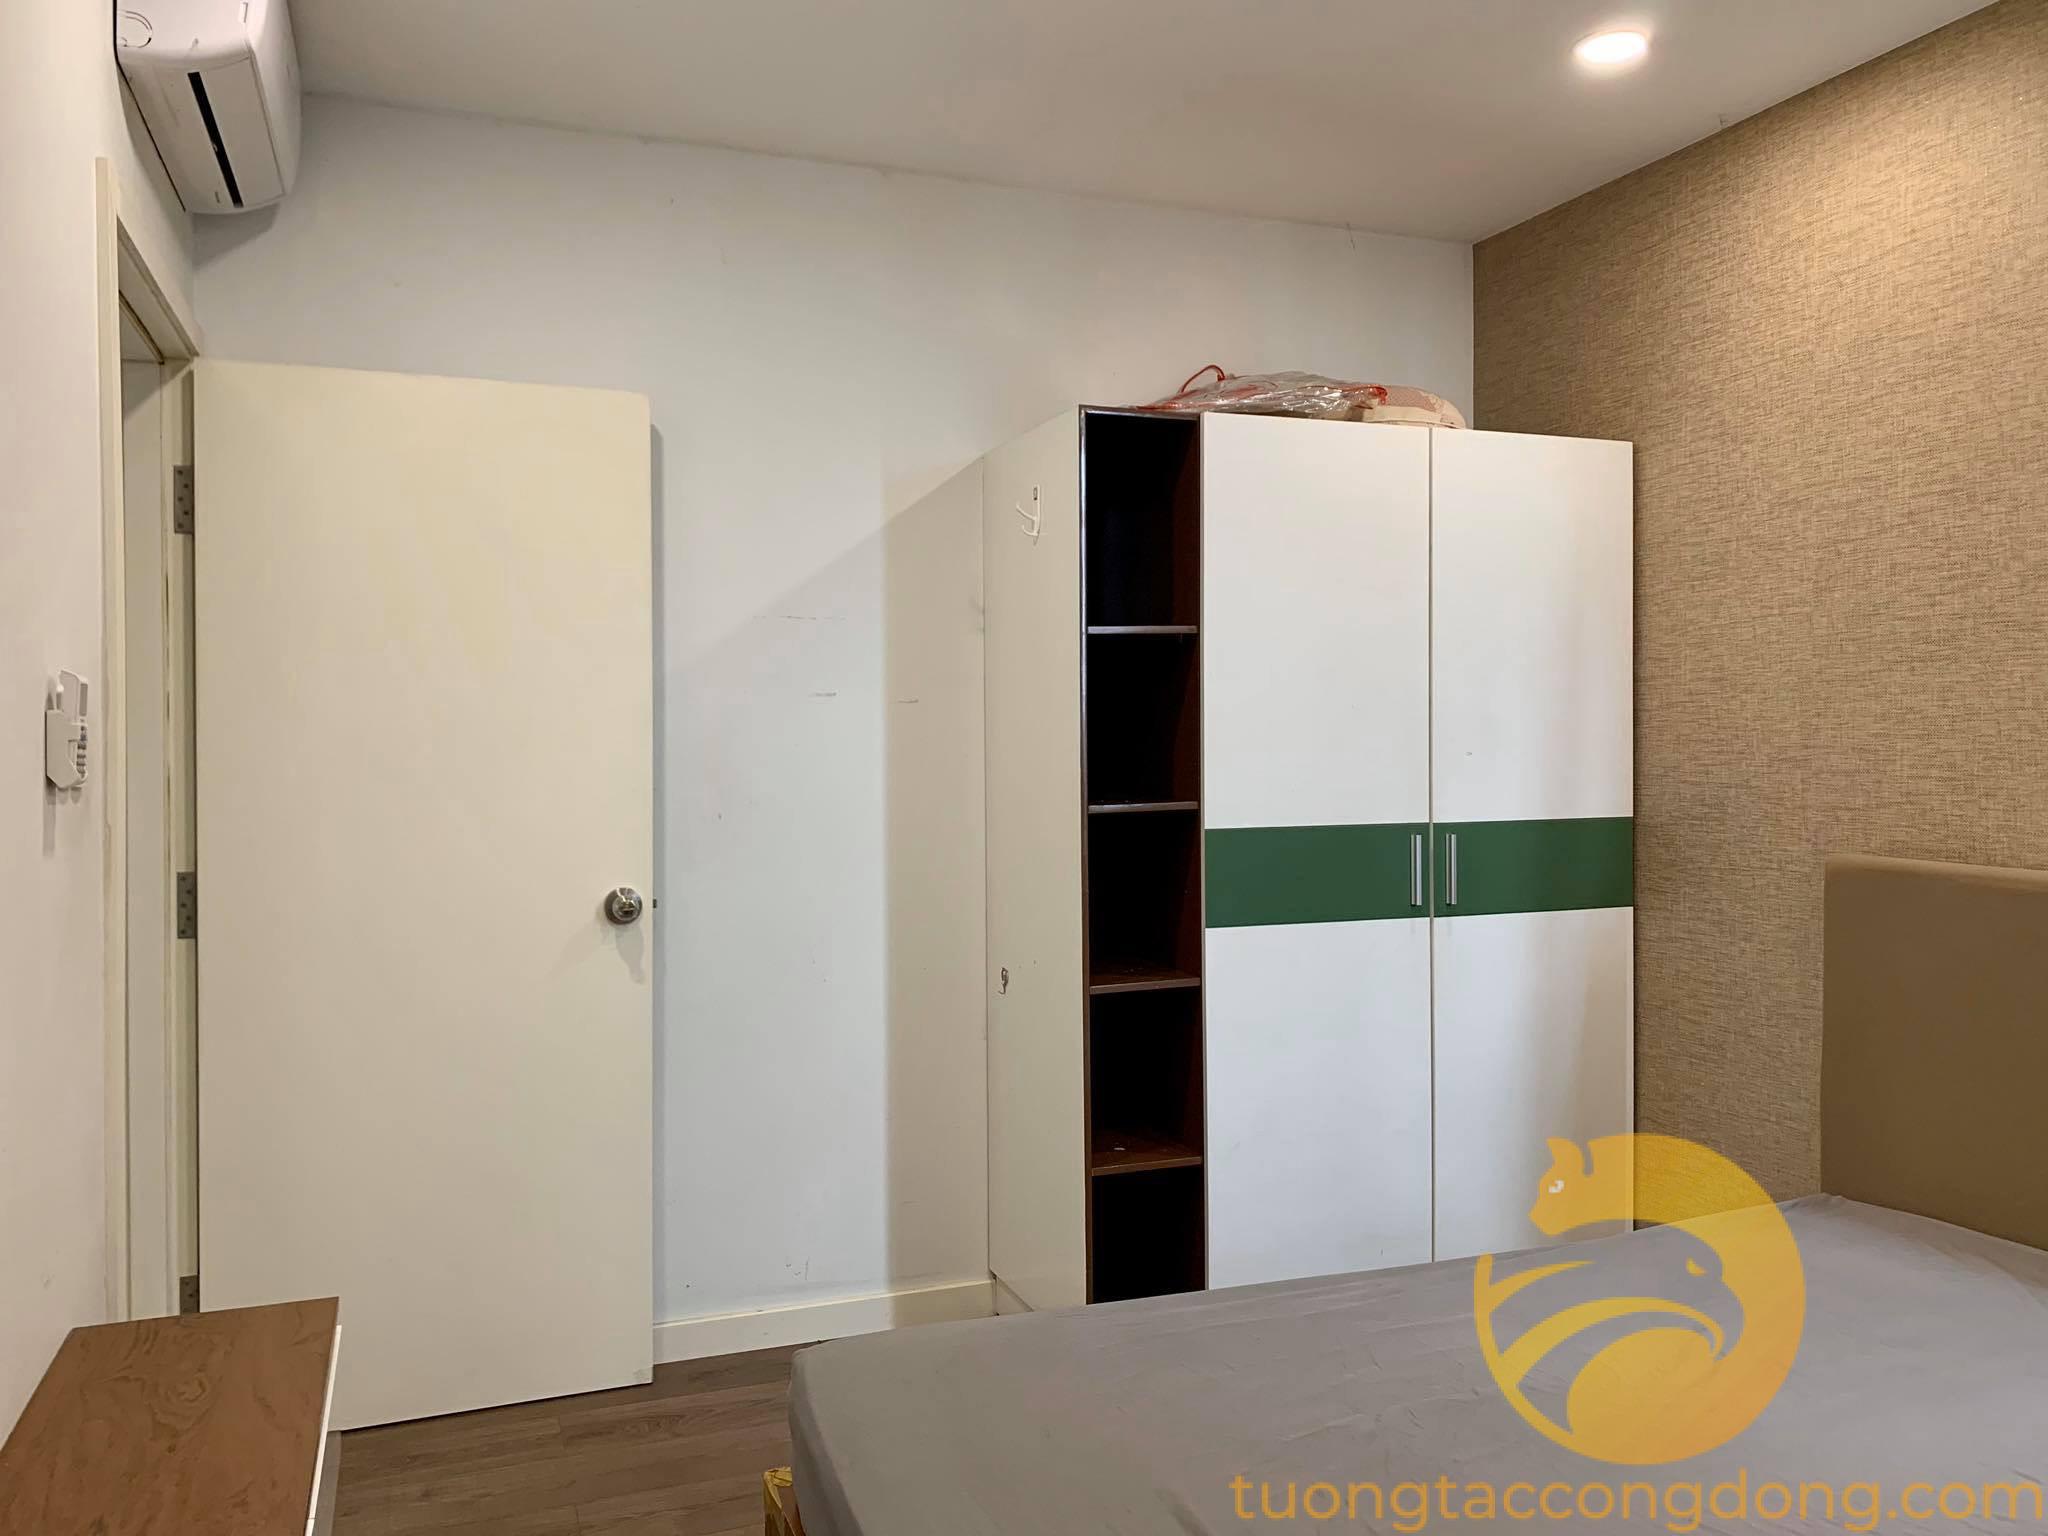 Cần bán căn hộ Luxcity chính chủ 85m2 A10-12